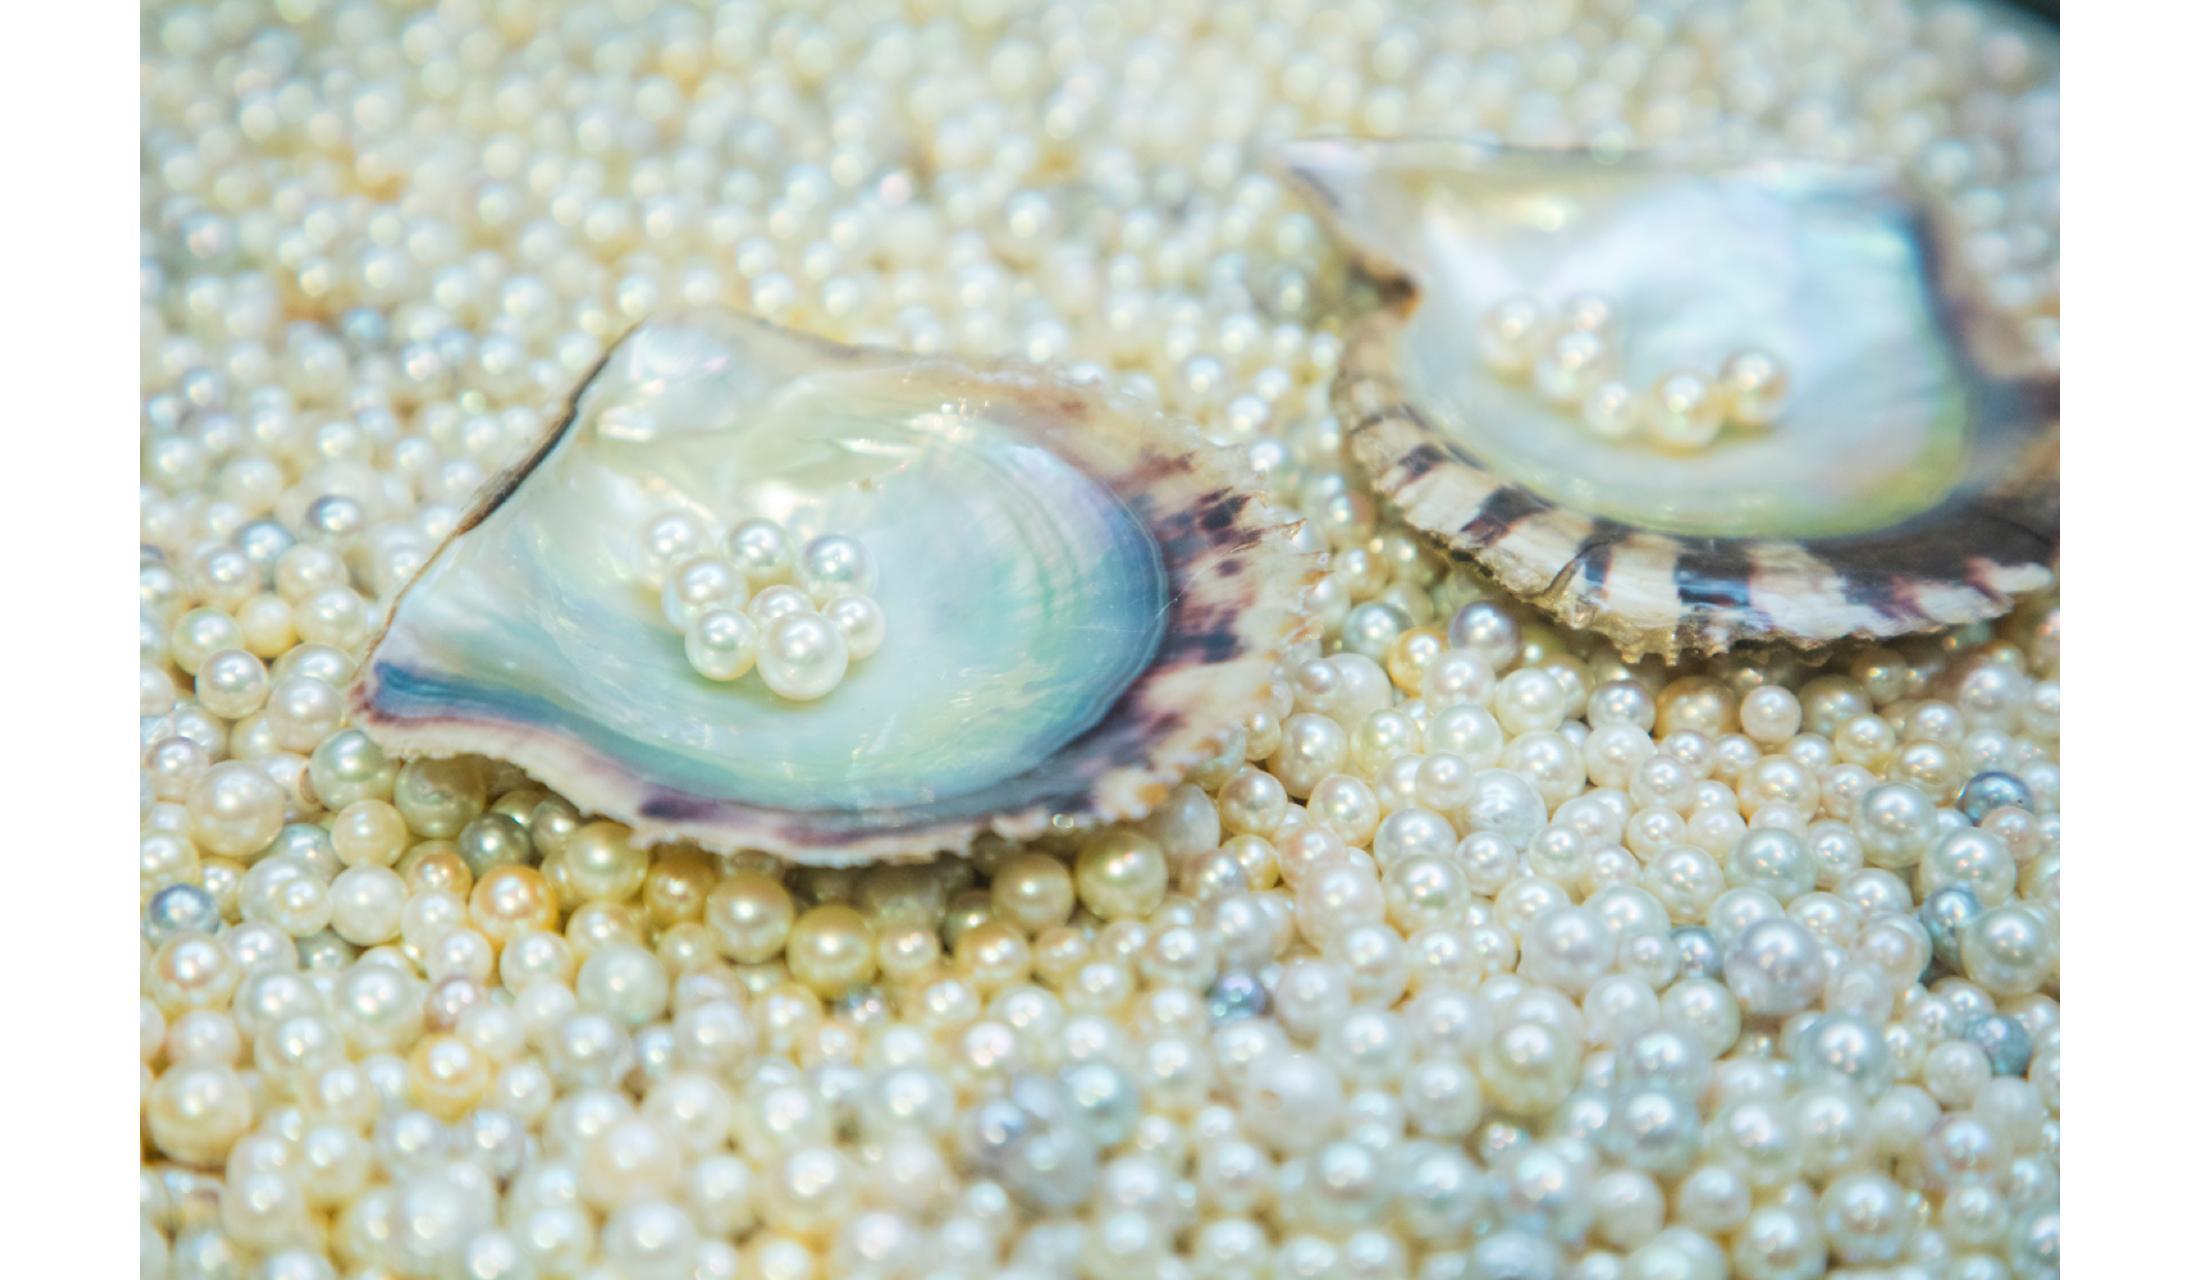 ミキモト真珠島で養殖されたアコヤ貝と美しい真珠。